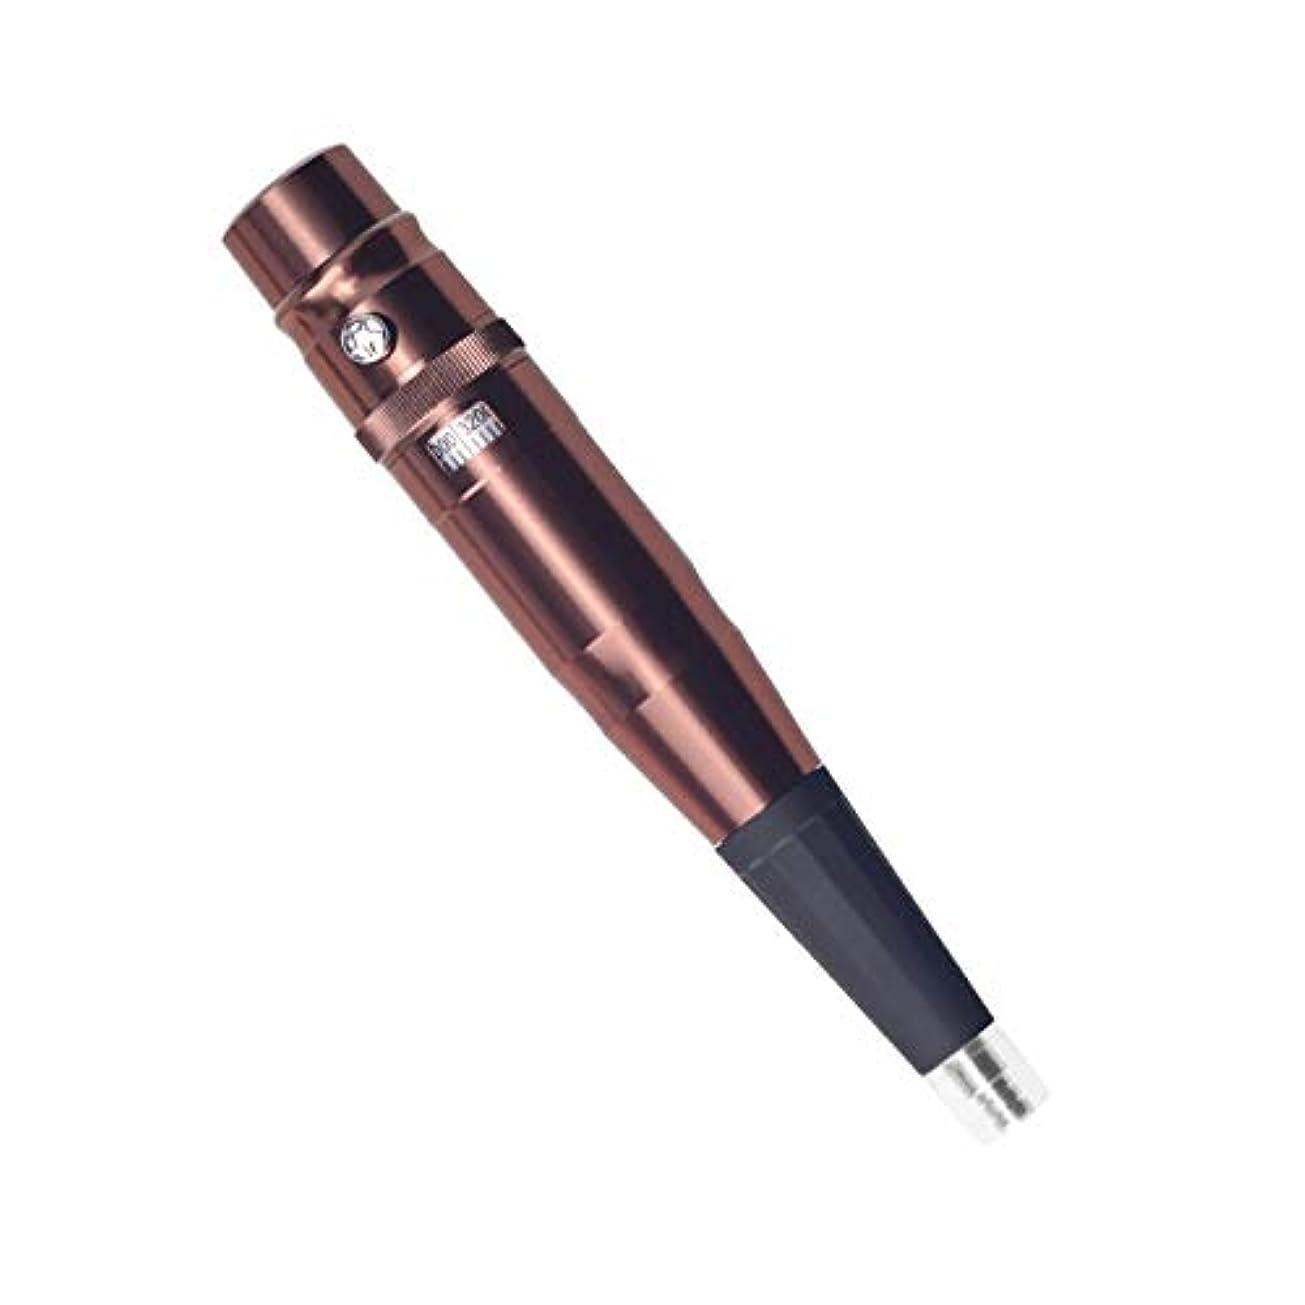 干渉する競う国家眉毛ペンシルリップライナータトゥーペンタトゥーパーマネントメイクアップアイブロウペンシルアイブロウメイクアップリップパターンマシン電動ペン銃,Brown